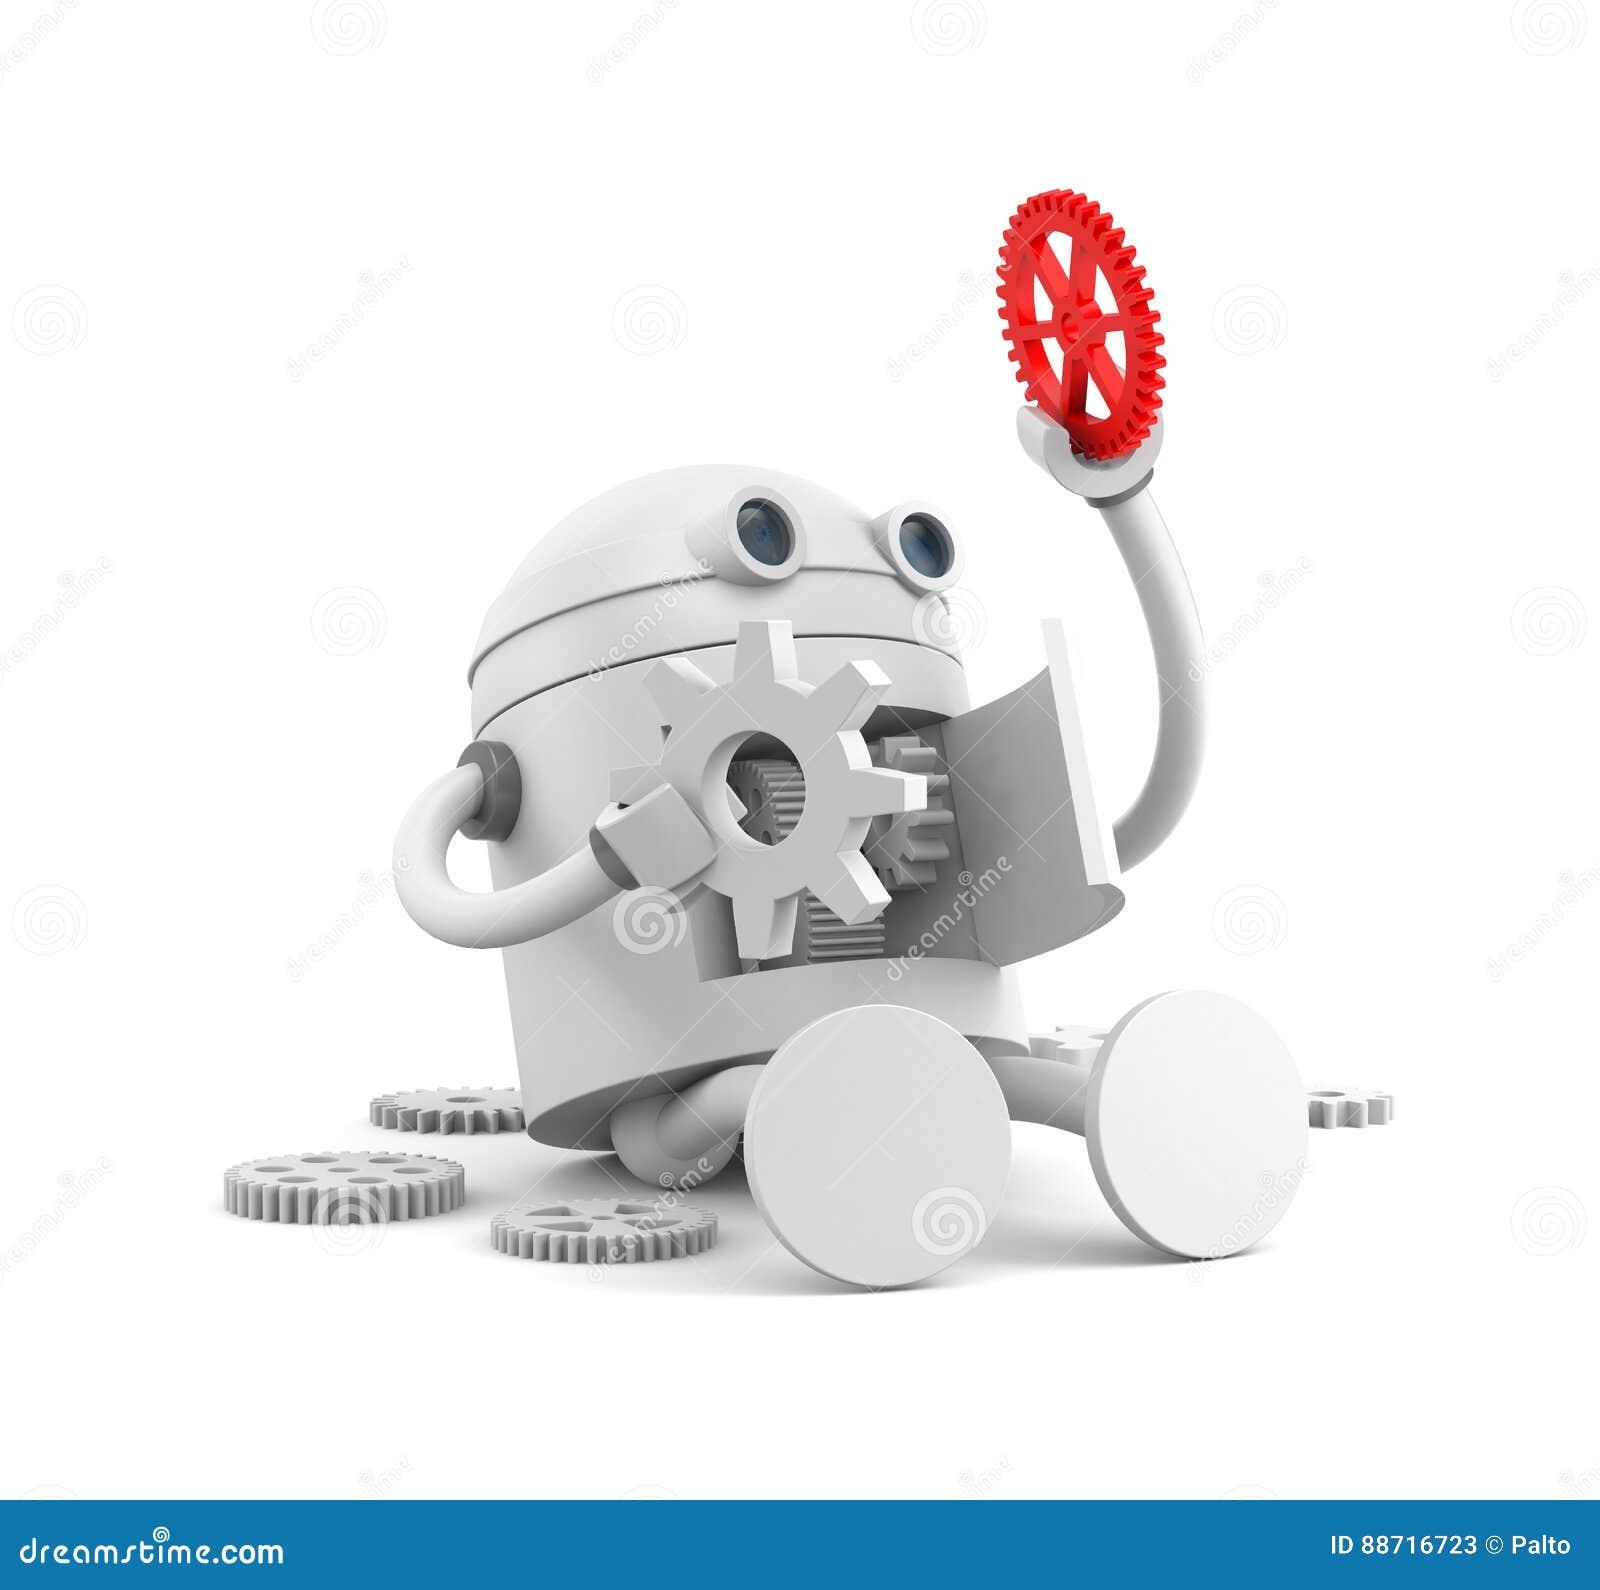 Σπασμένο ρομπότ με τις λεπτομέρειες του μηχανισμού του Για τα προγράμματα ιστοχώρου σας